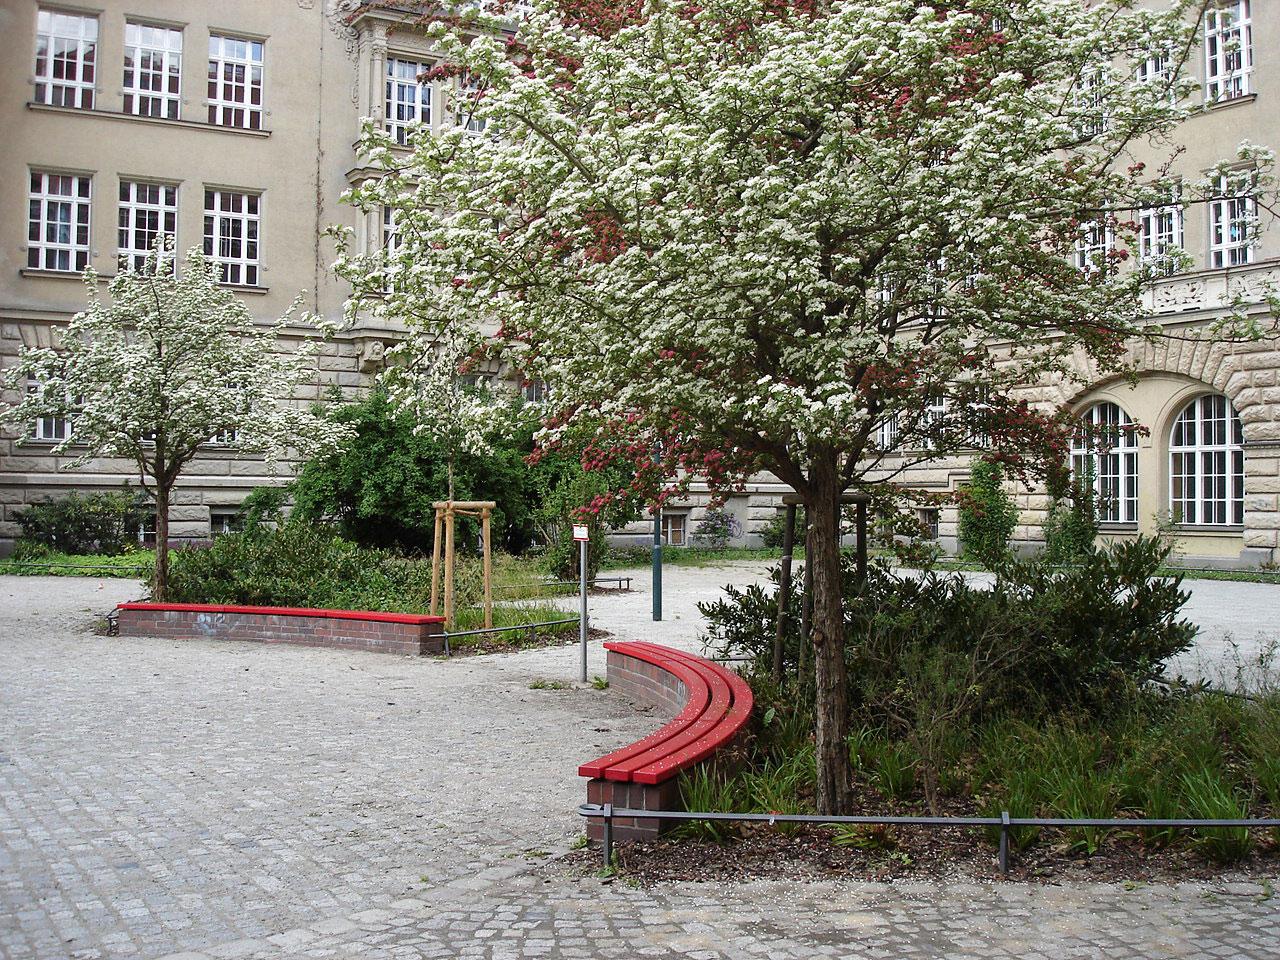 Außenanlagen des denkmalgeschützten Carl-von-Ossietzky-Gymnasiums in Berlin